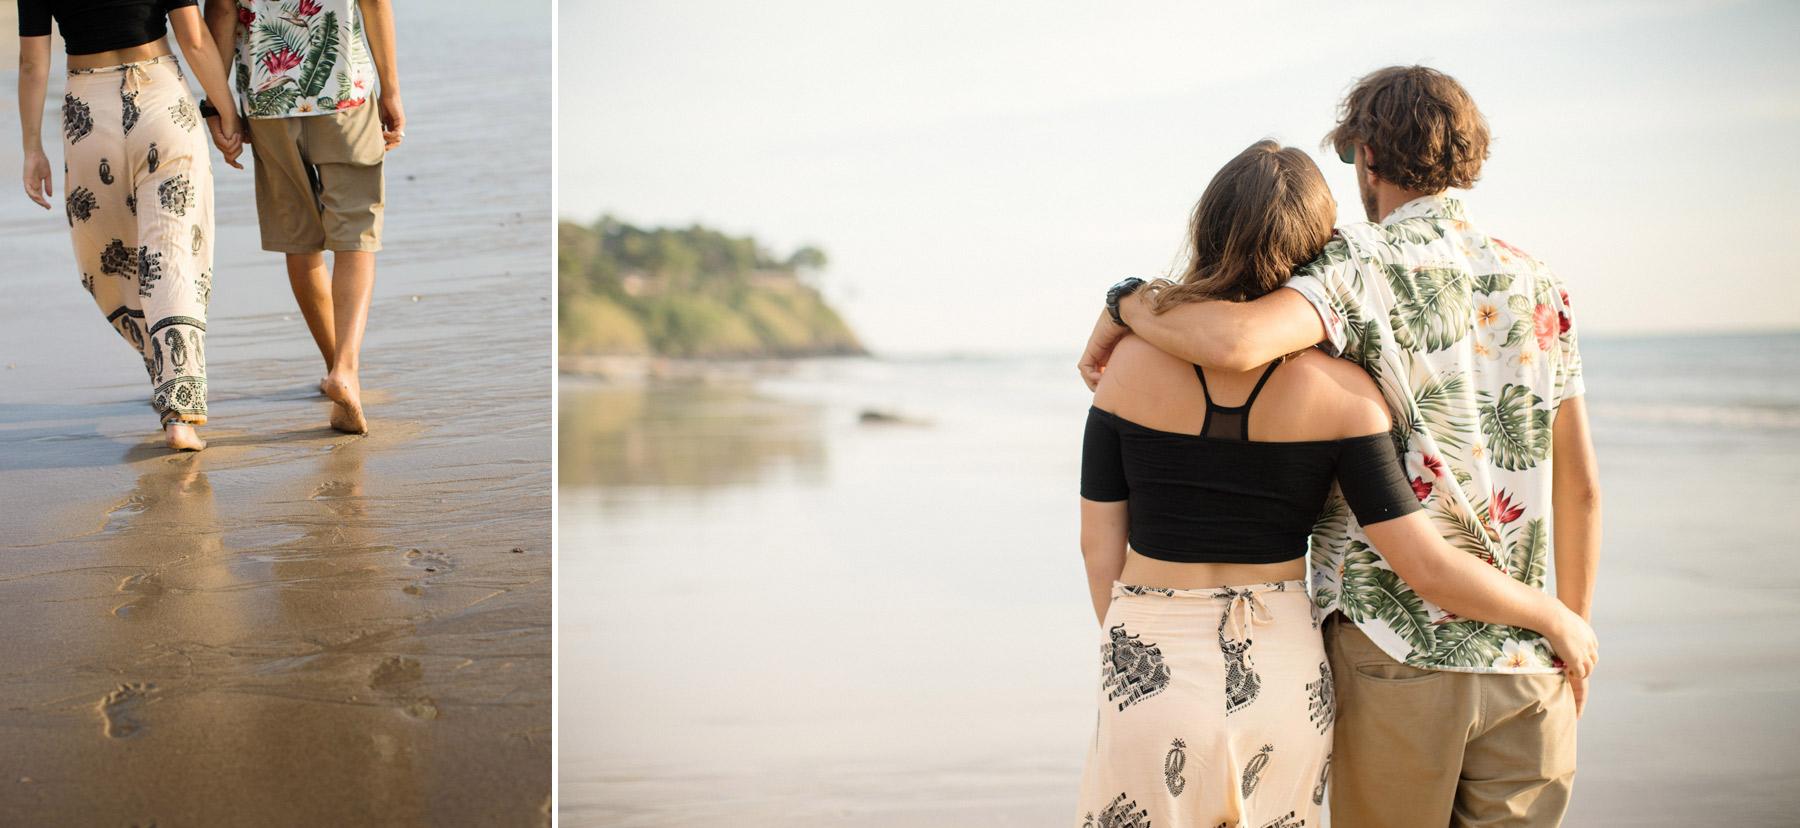 par pa strand i Thailand